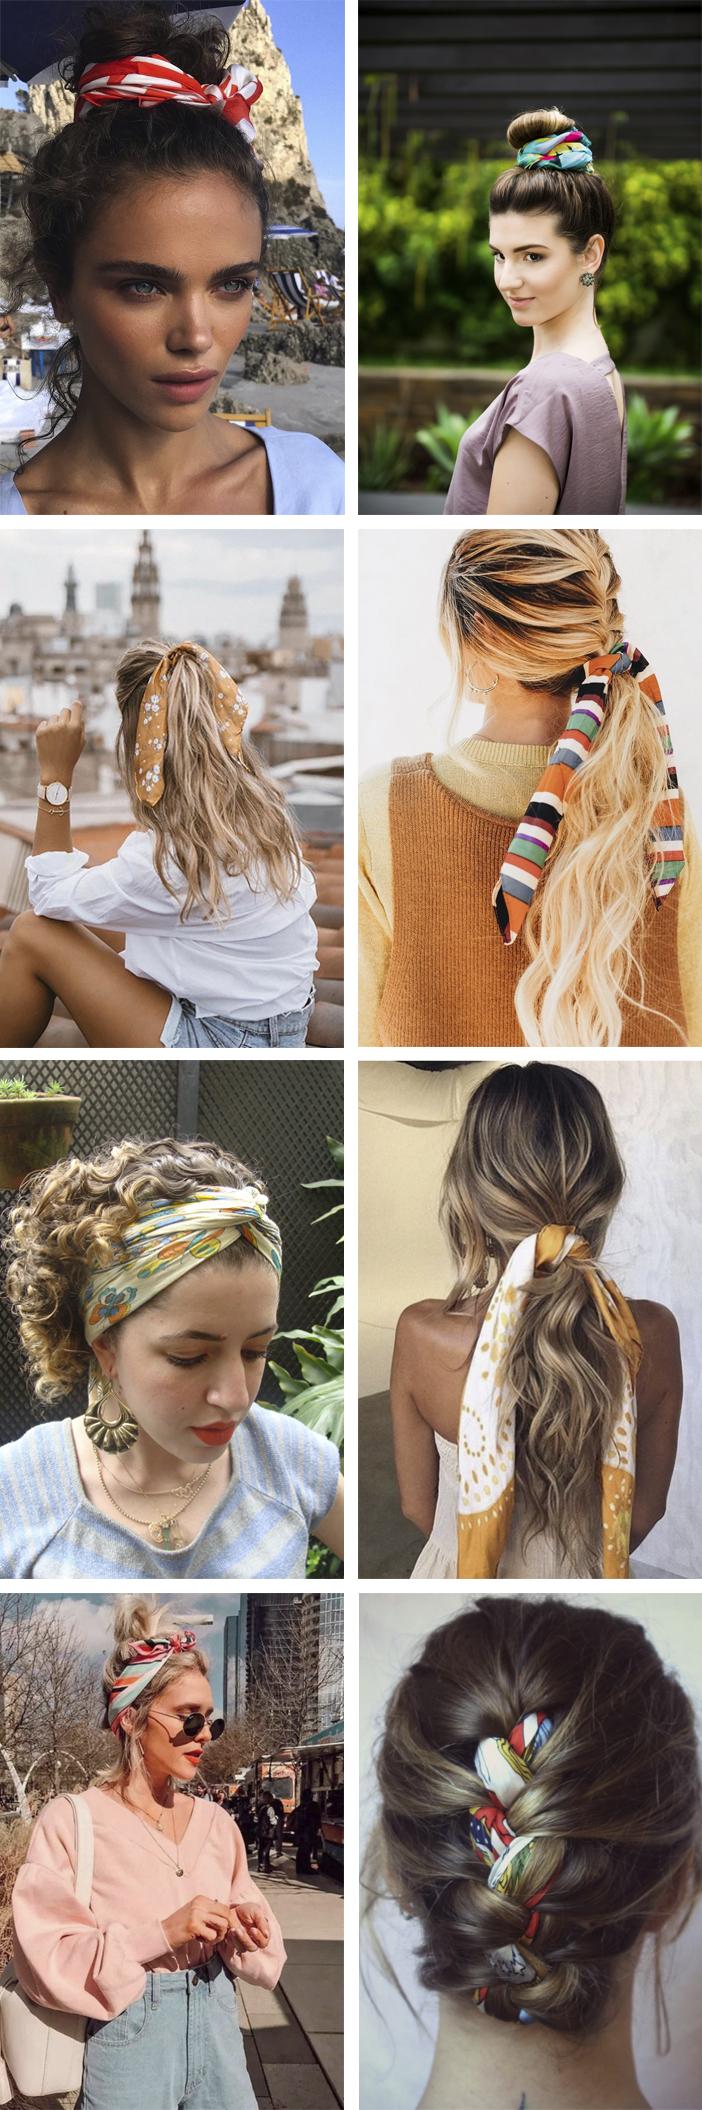 Ideias para usar lenço no cabelo